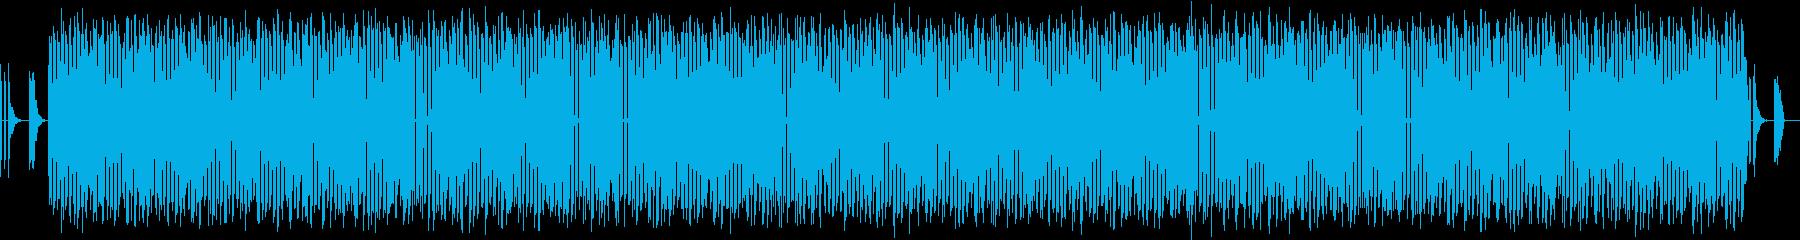 コミカルで疾走感のある楽曲【劇】の再生済みの波形